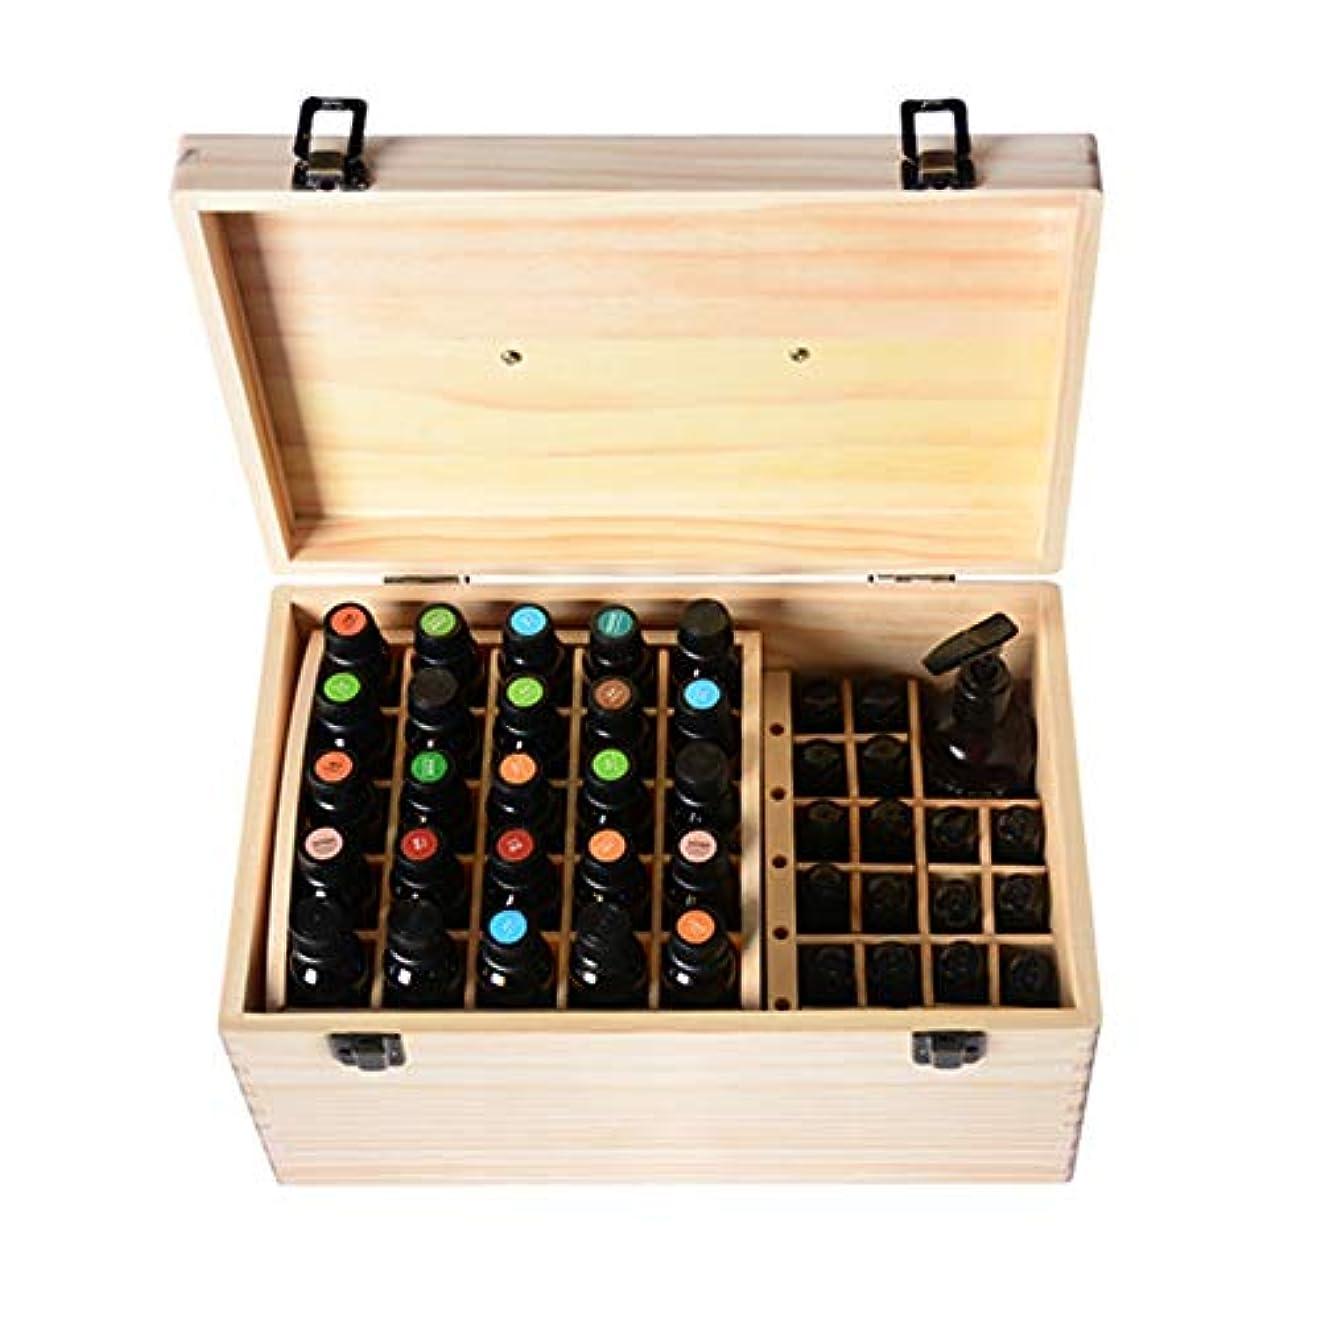 怠感委任すり減る74スロット木エッセンシャルオイルボックス収納ケース内部のリムーバブルは15/10 M1のボトルナチュラルパインを開催します アロマセラピー製品 (色 : Natural, サイズ : 35X20X16.5CM)